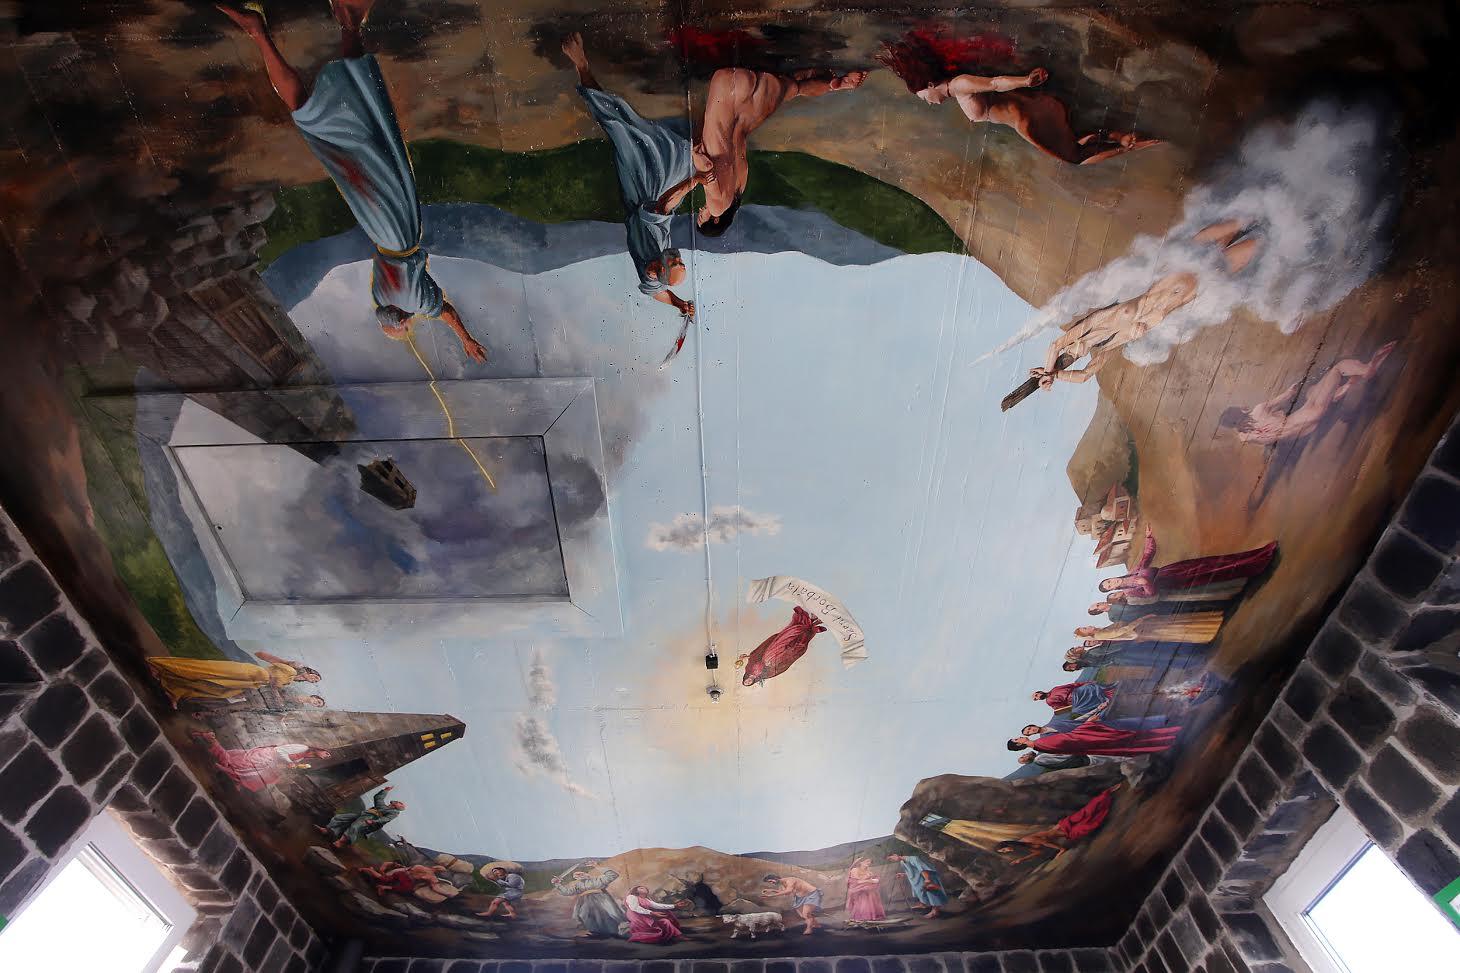 A nevezetes freskó, teljes terjedelmében